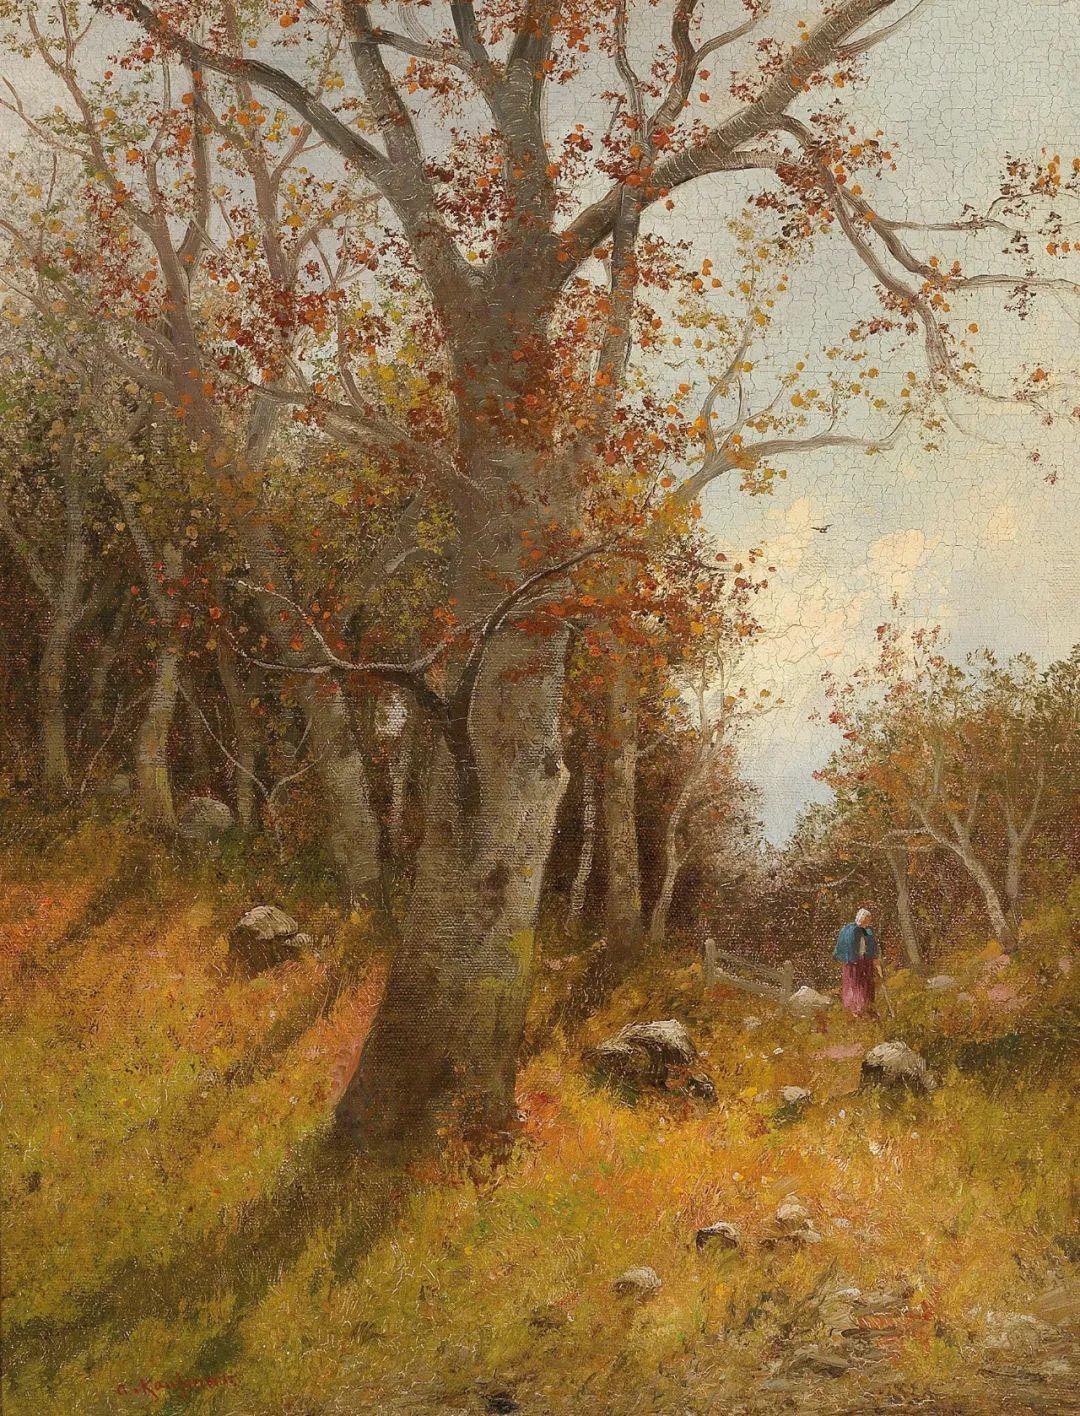 风景油画丨奥地利画家阿道夫·考夫曼的精美风景画插图45